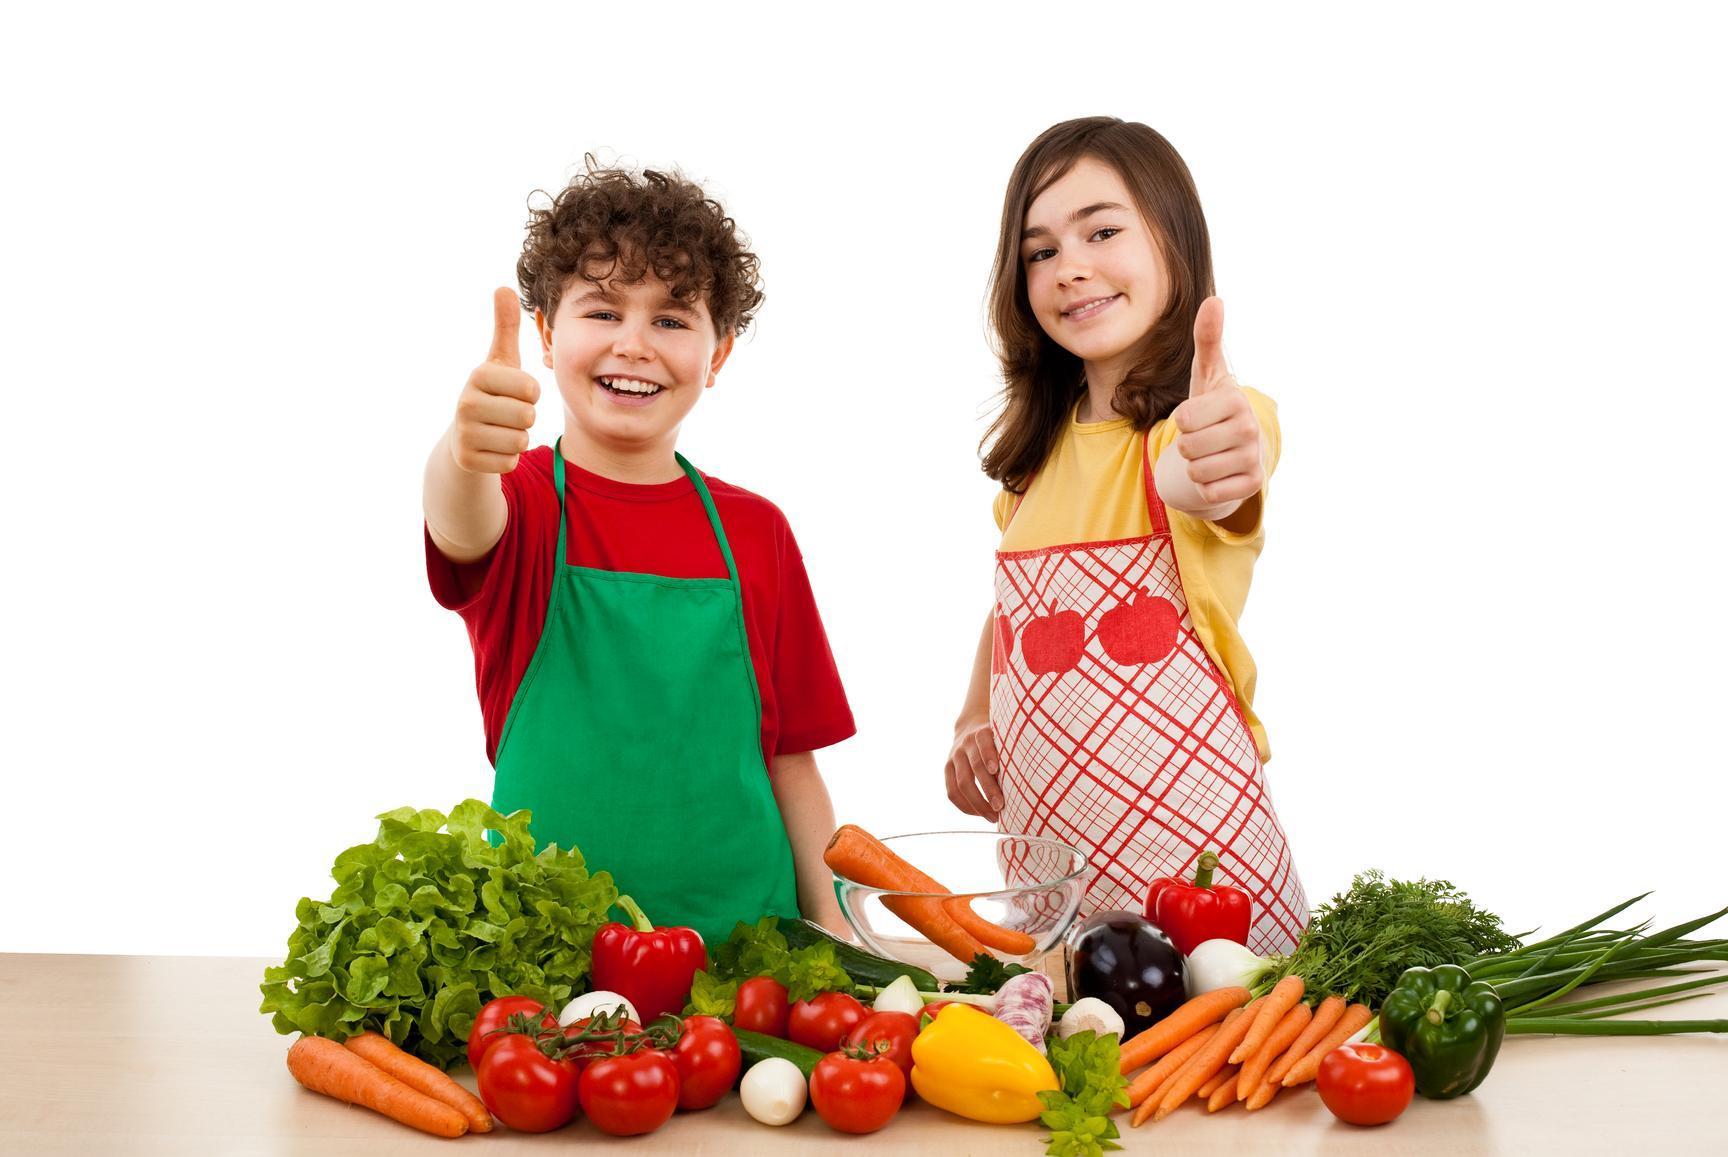 мальчик и девочка юные кулинары